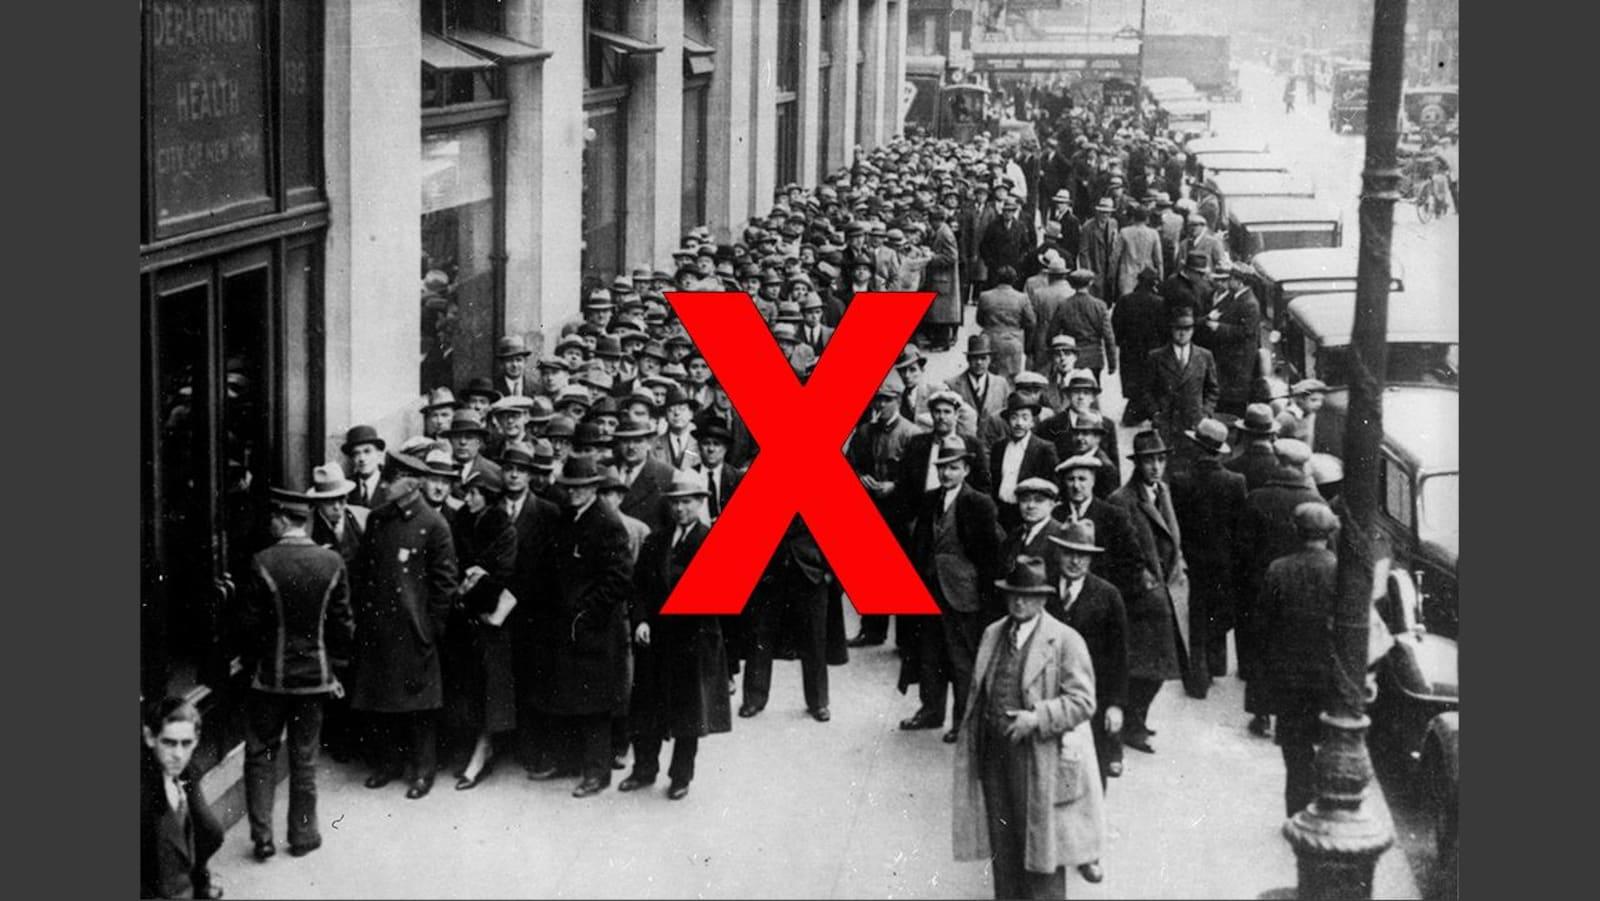 Des centaines de personnes attendent devant un édifice à New York.